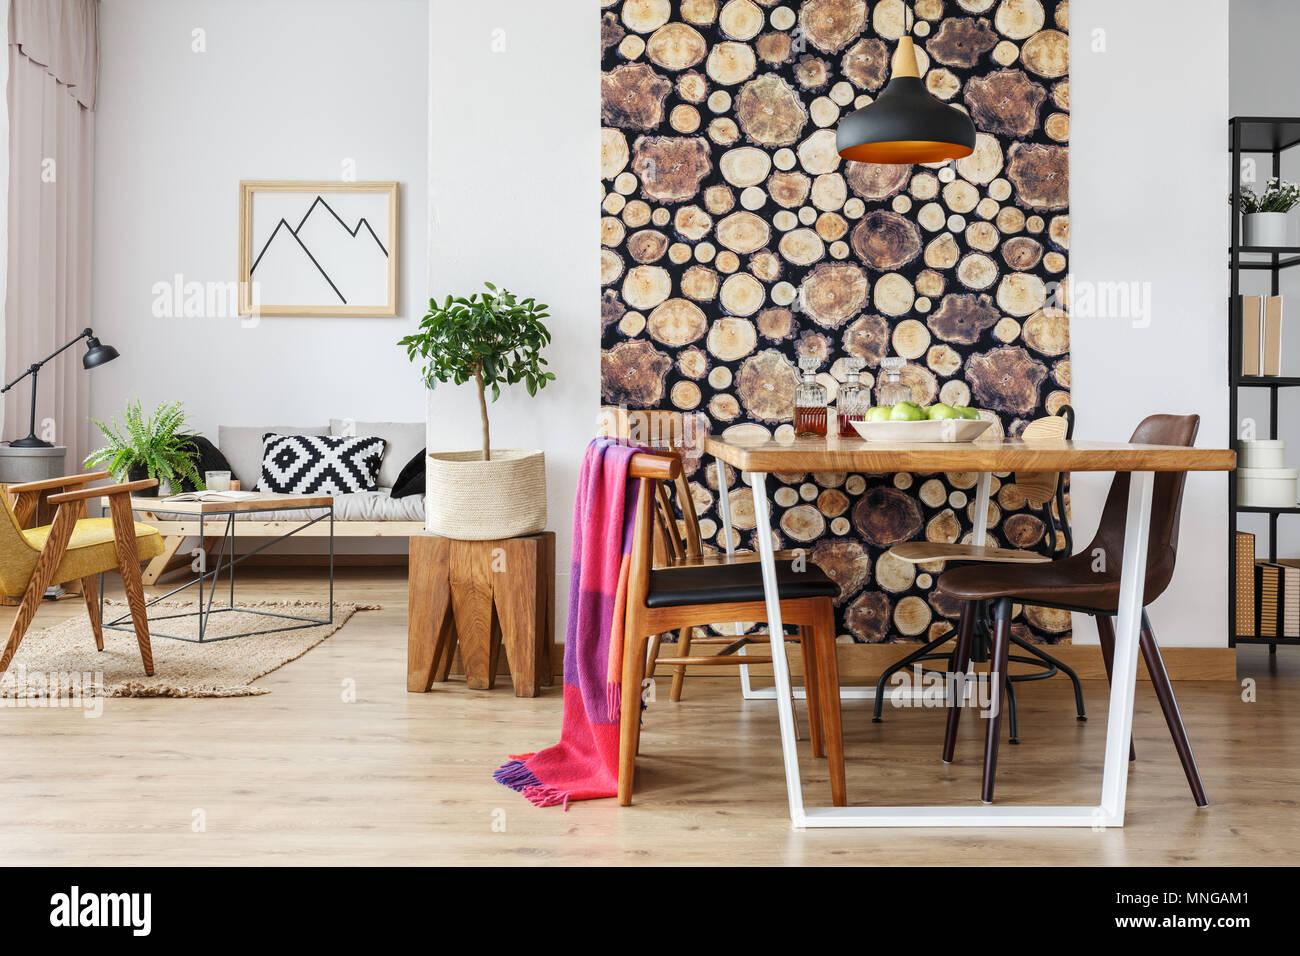 scandinavian open floor plan apartment with winter interior design